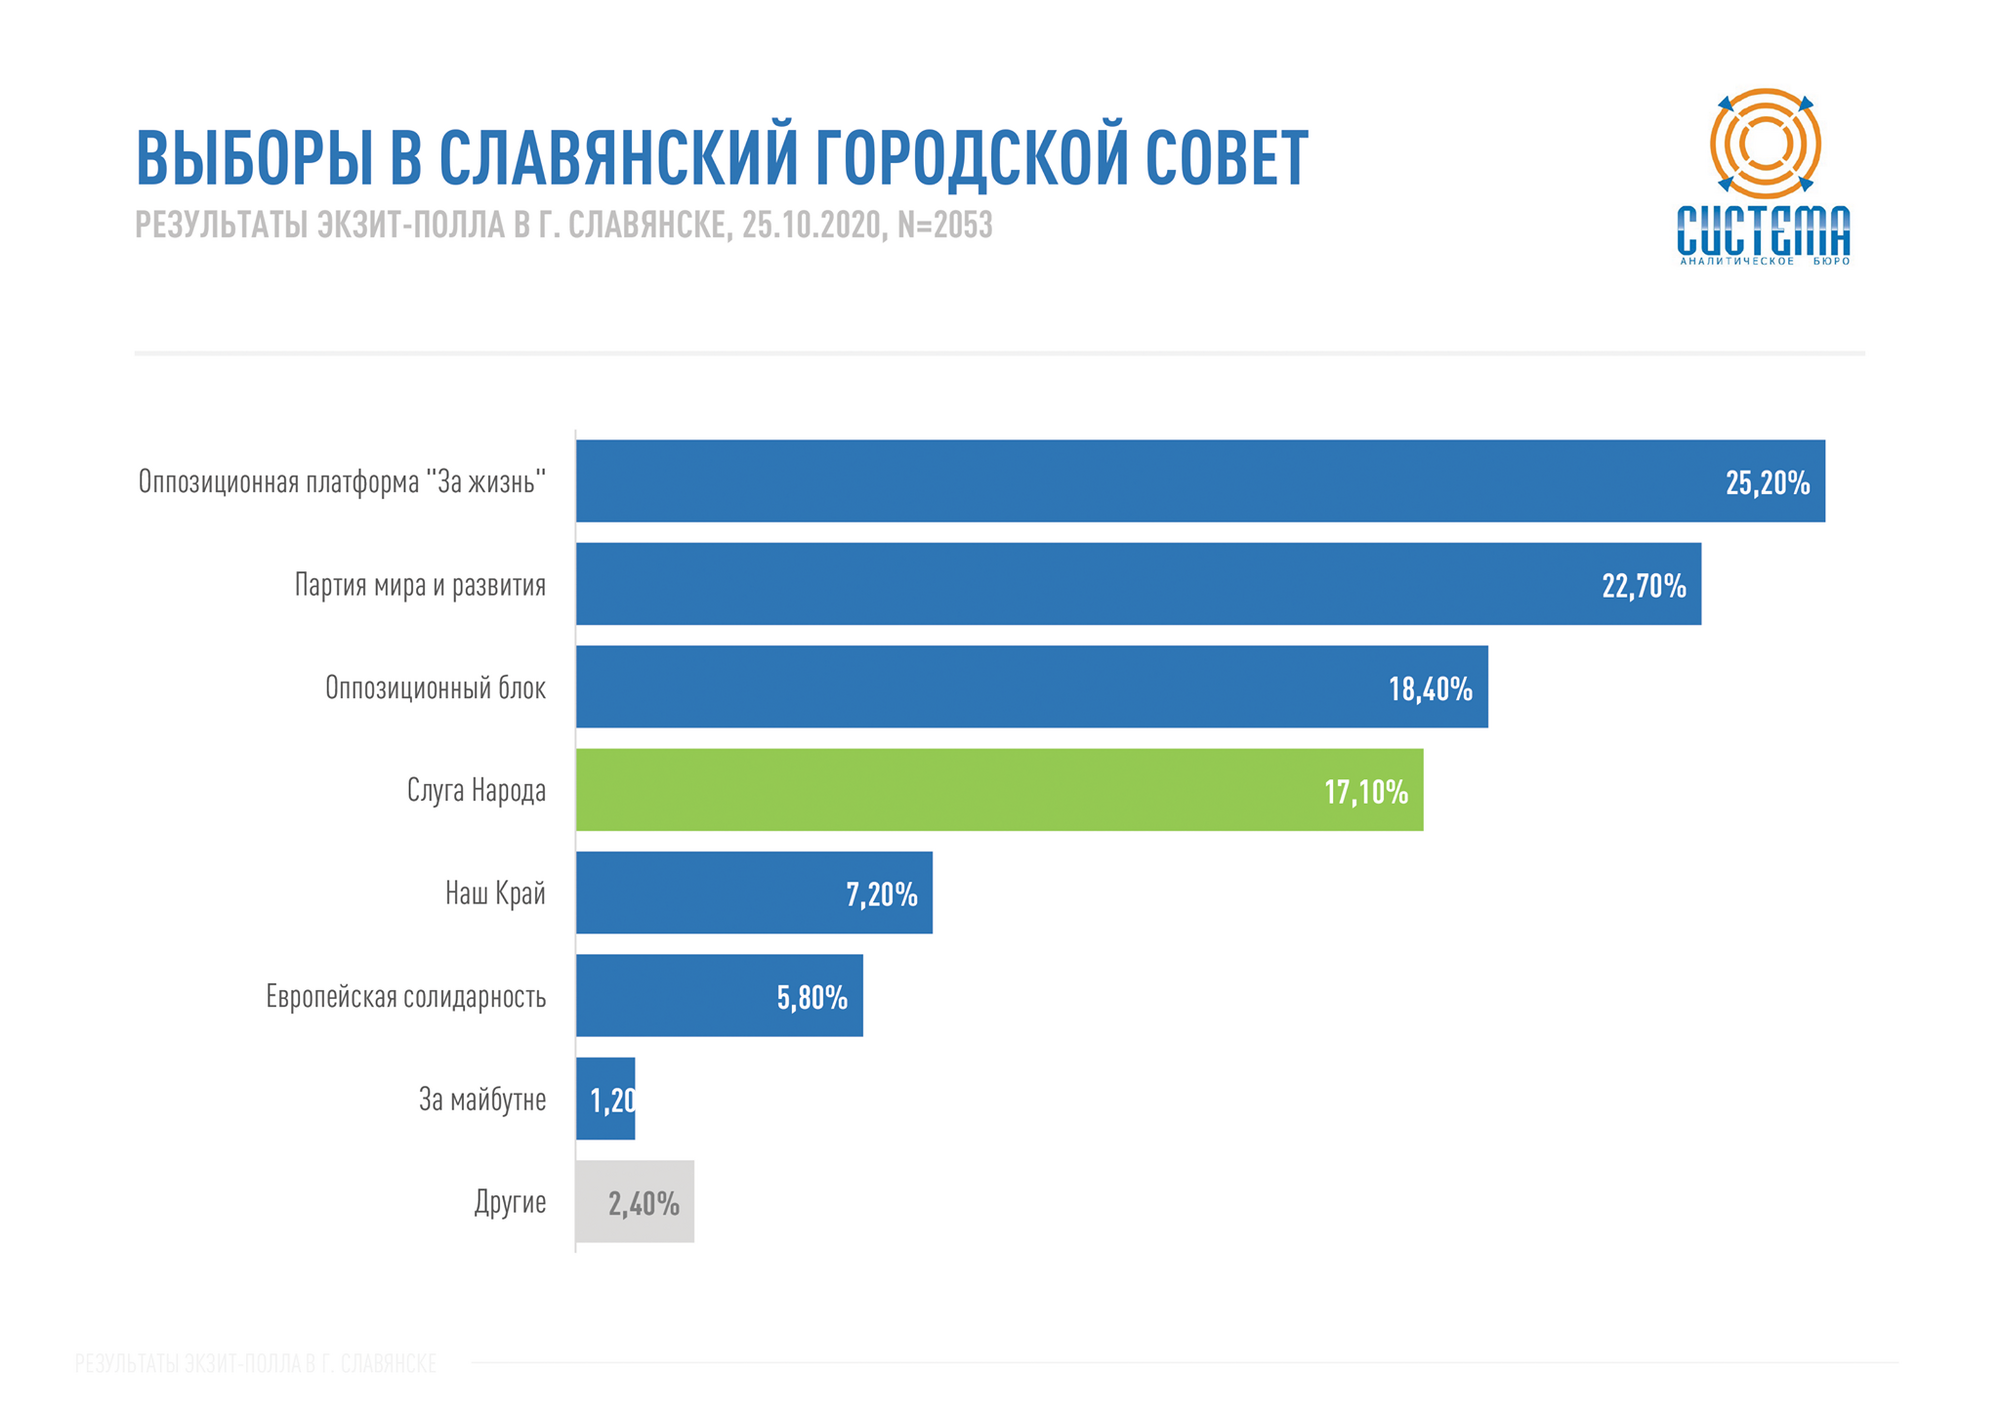 Выборы в Славянский городской совет.